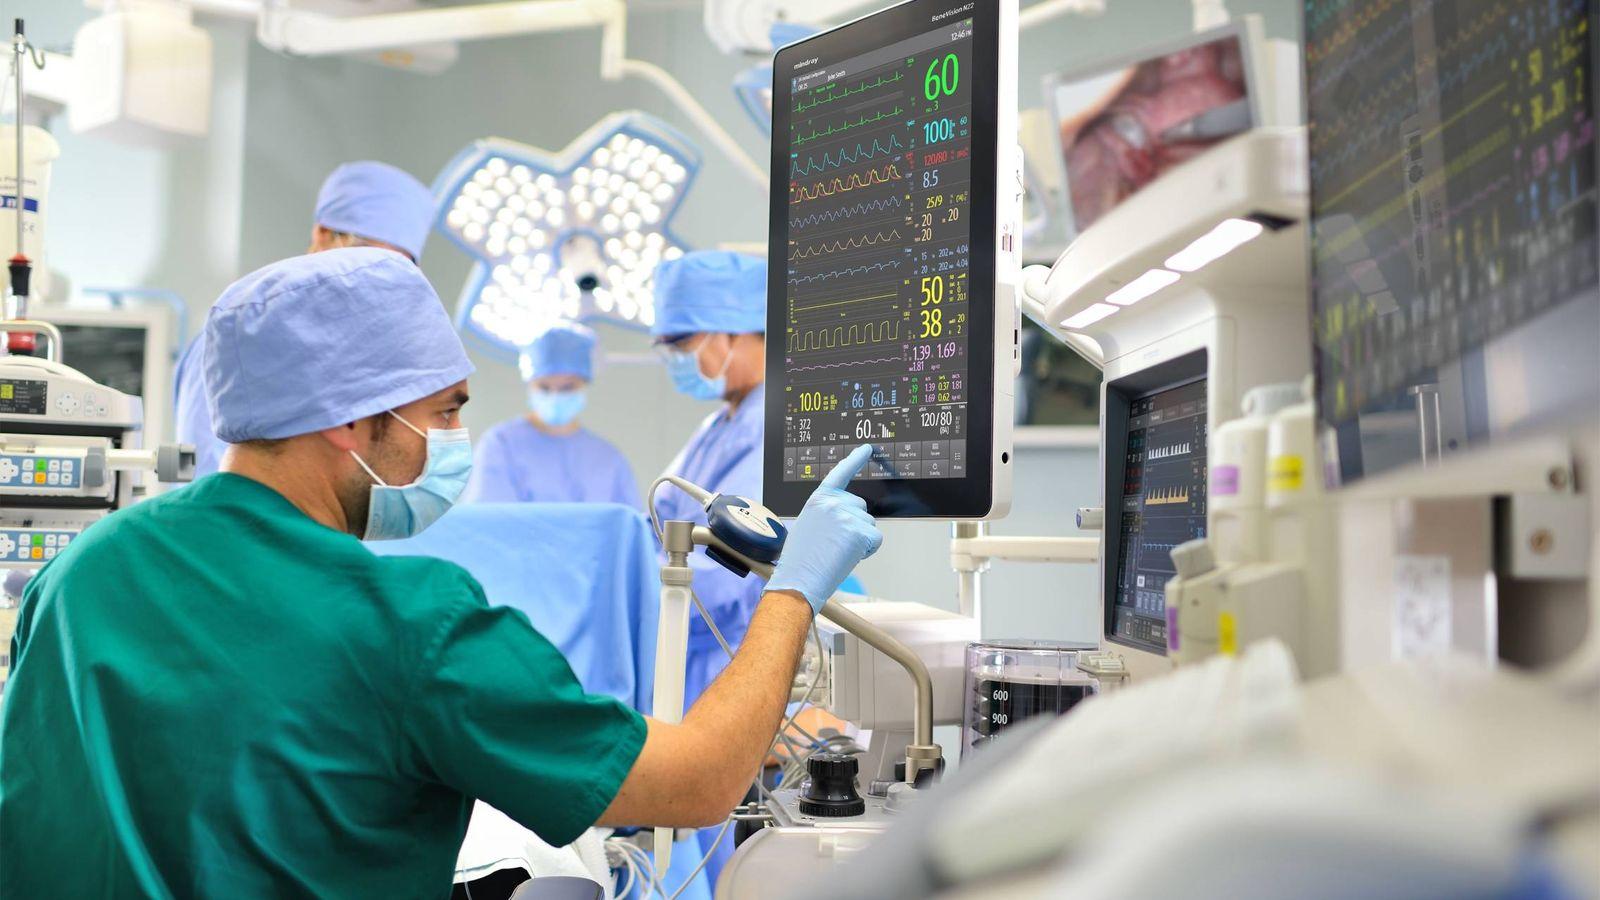 El hongo de la micobiota que provoca infecciones en los hospitales españoles